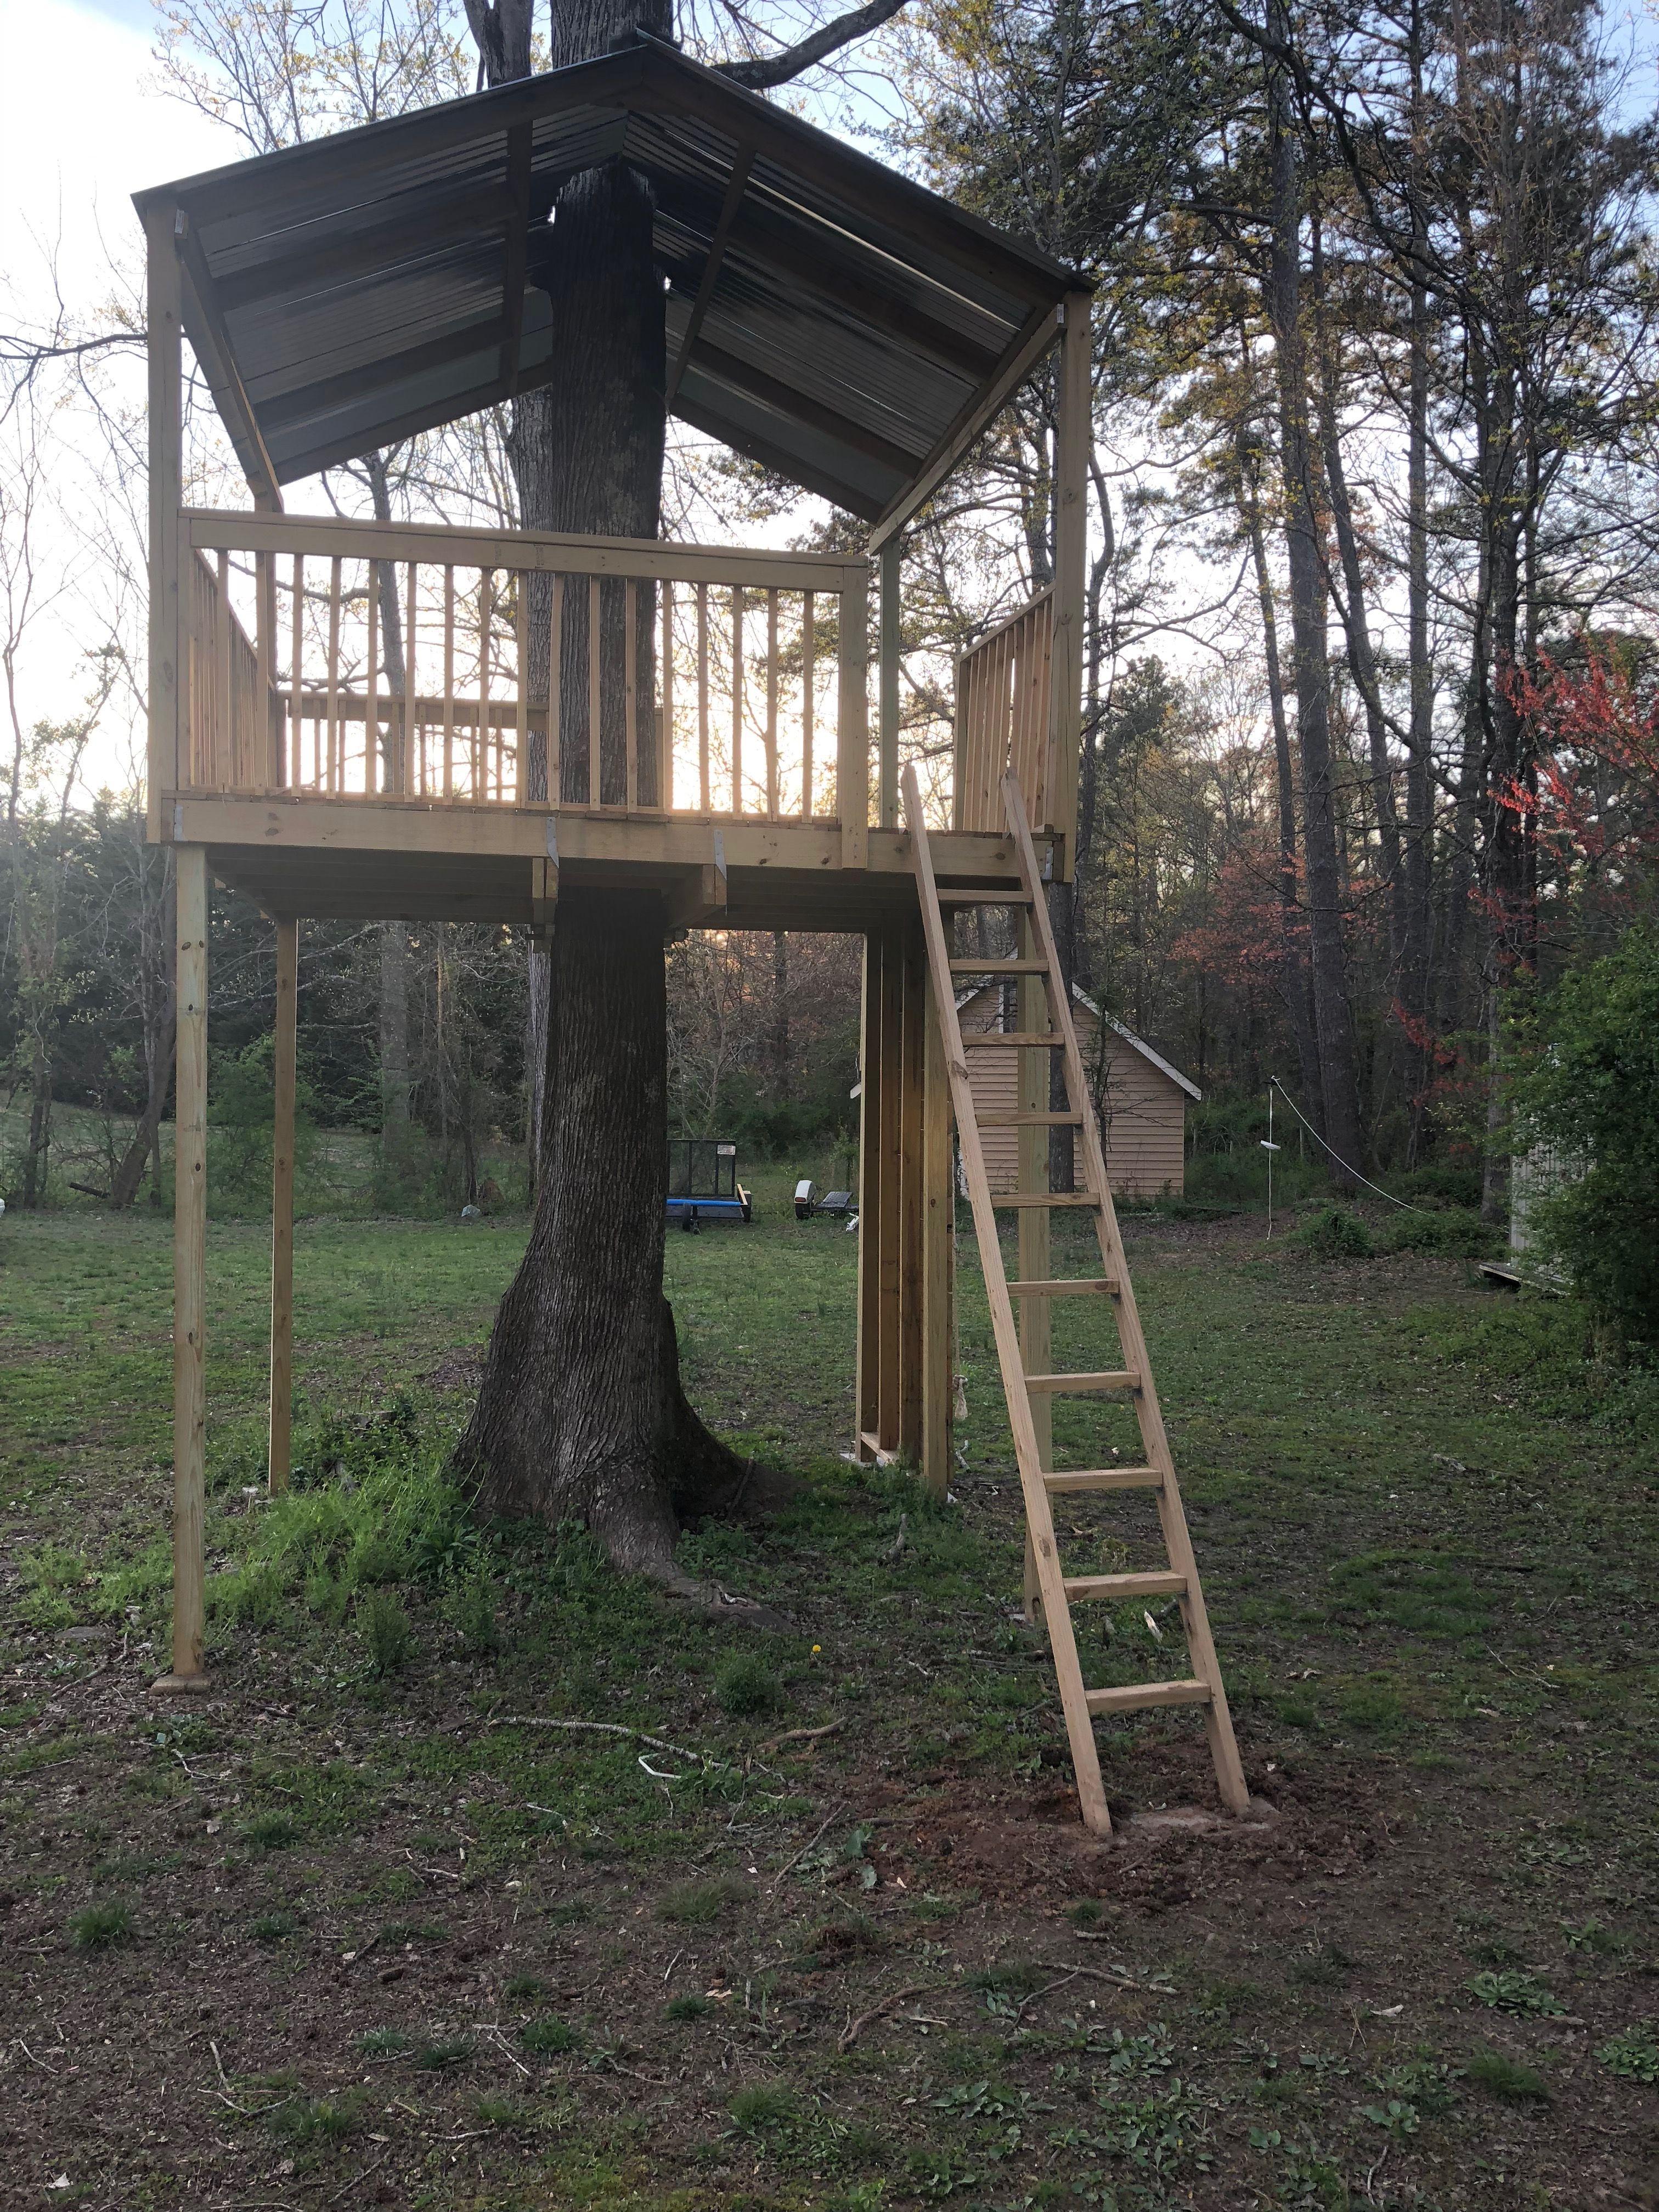 Zip line platform | Ziplining, Backyard, Diy zipline